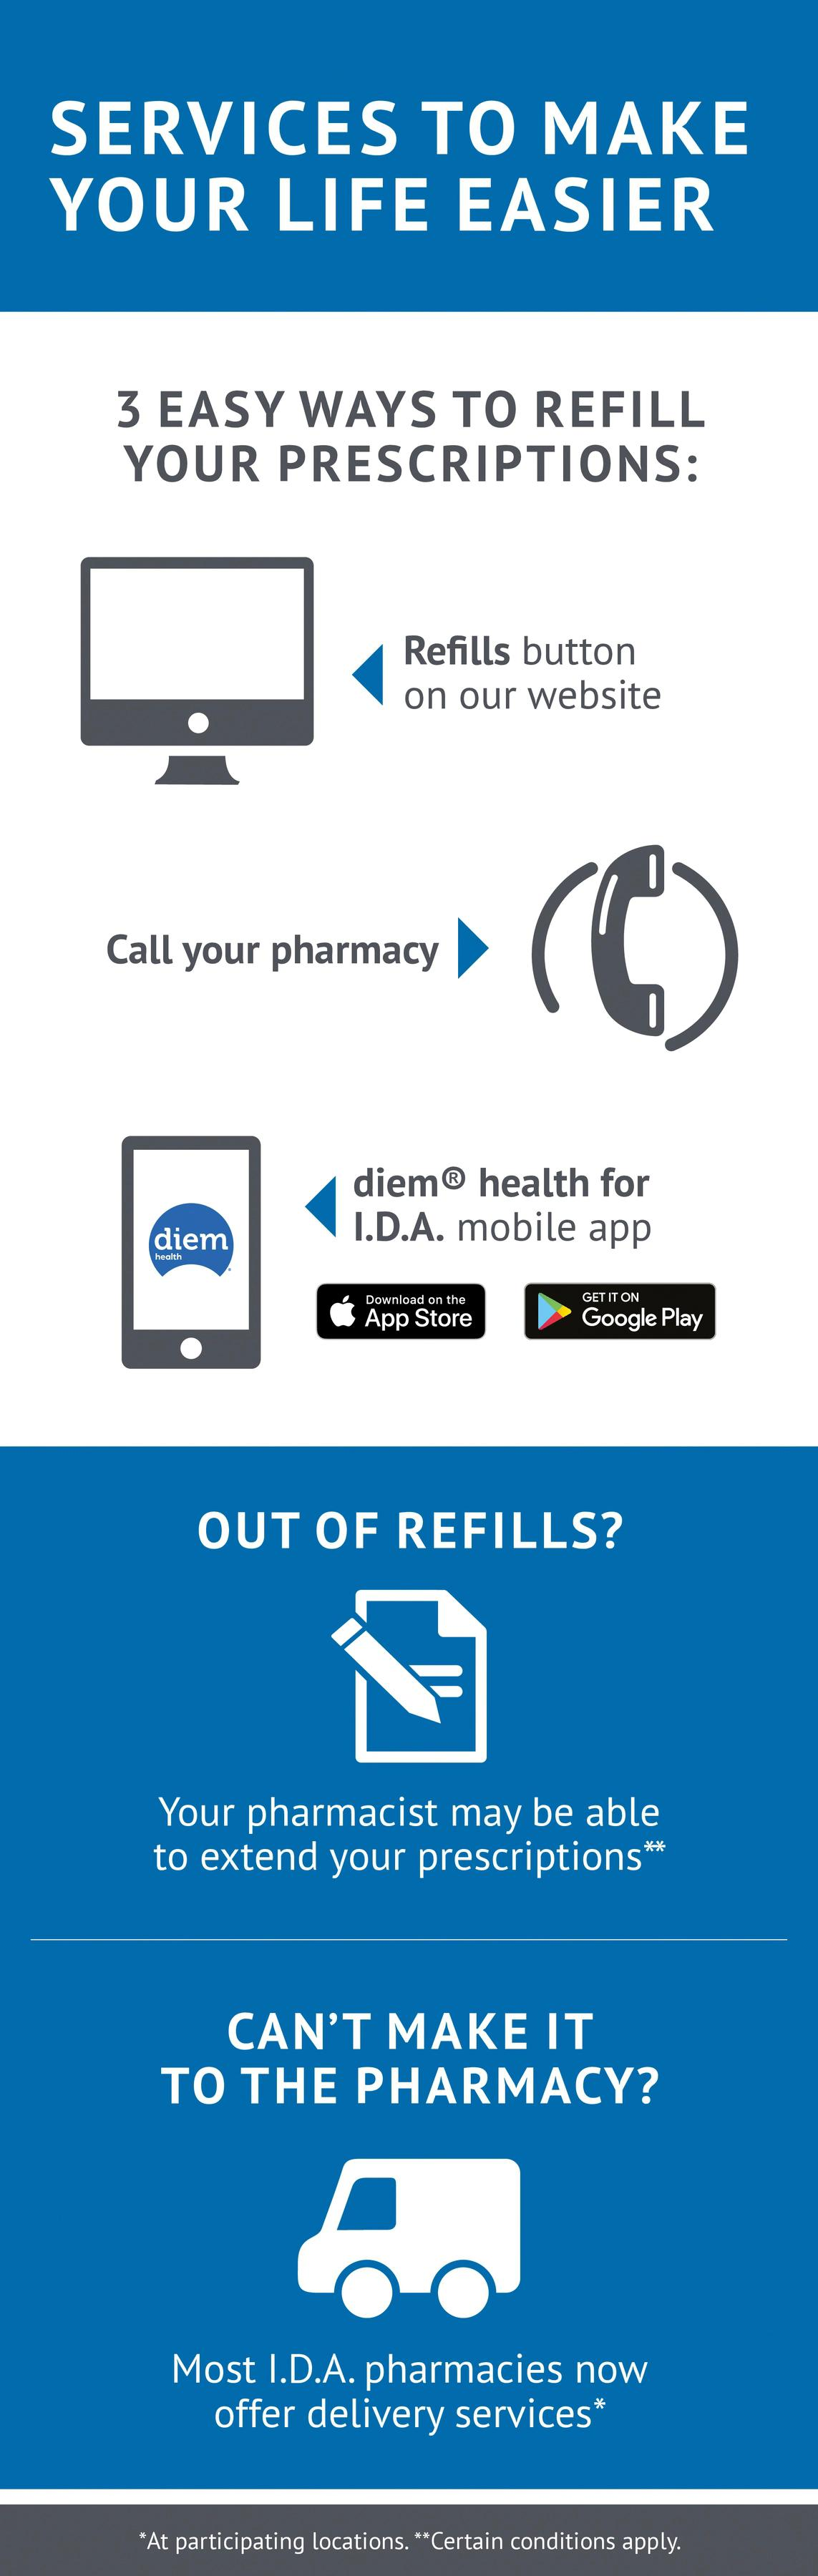 Guardian IDA Pharmacies - Weekly Flyer Specials - Page 4